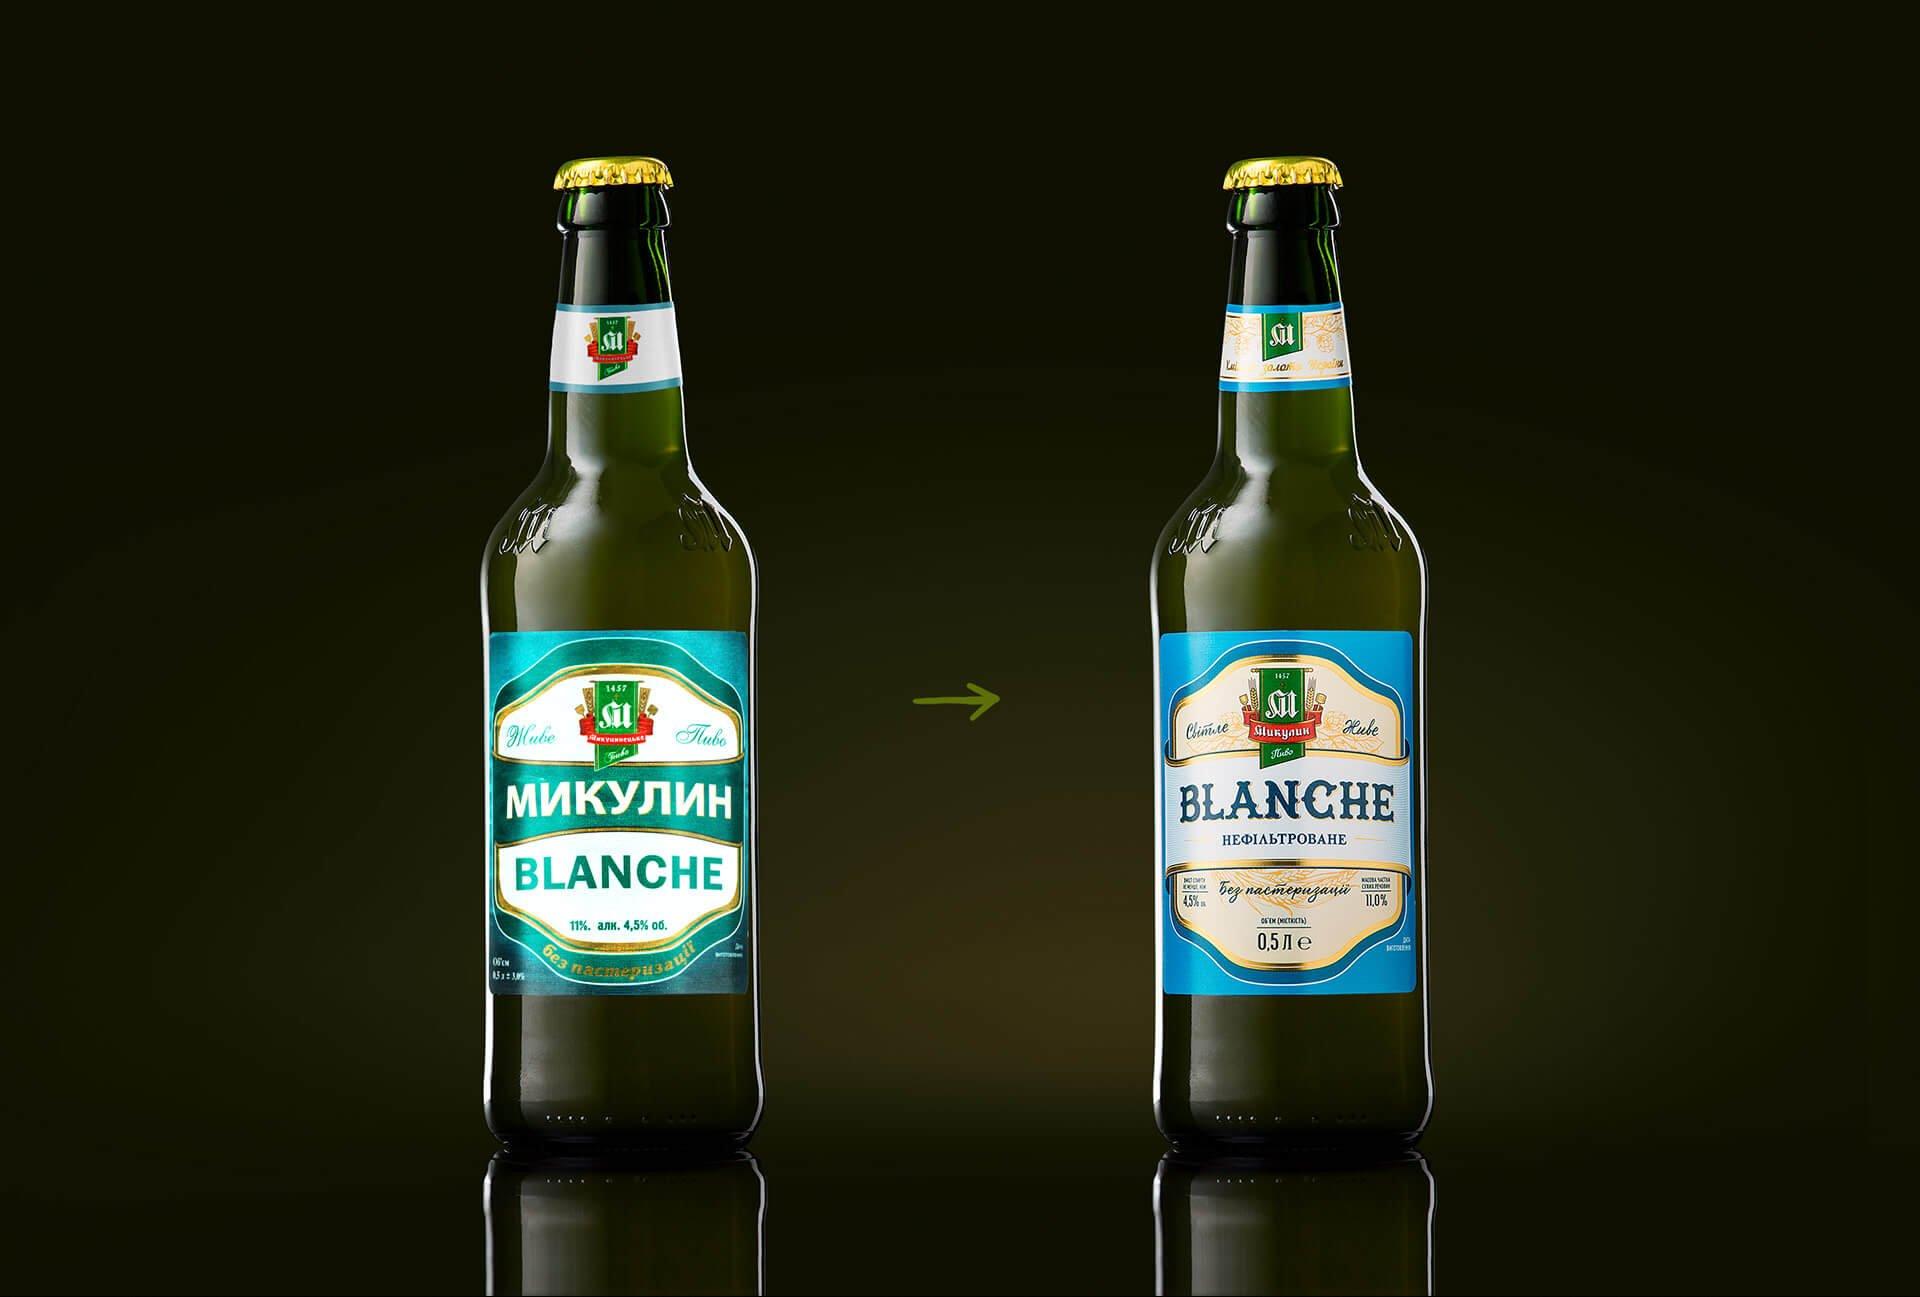 Стара та нова етикетка пива «Бланш»